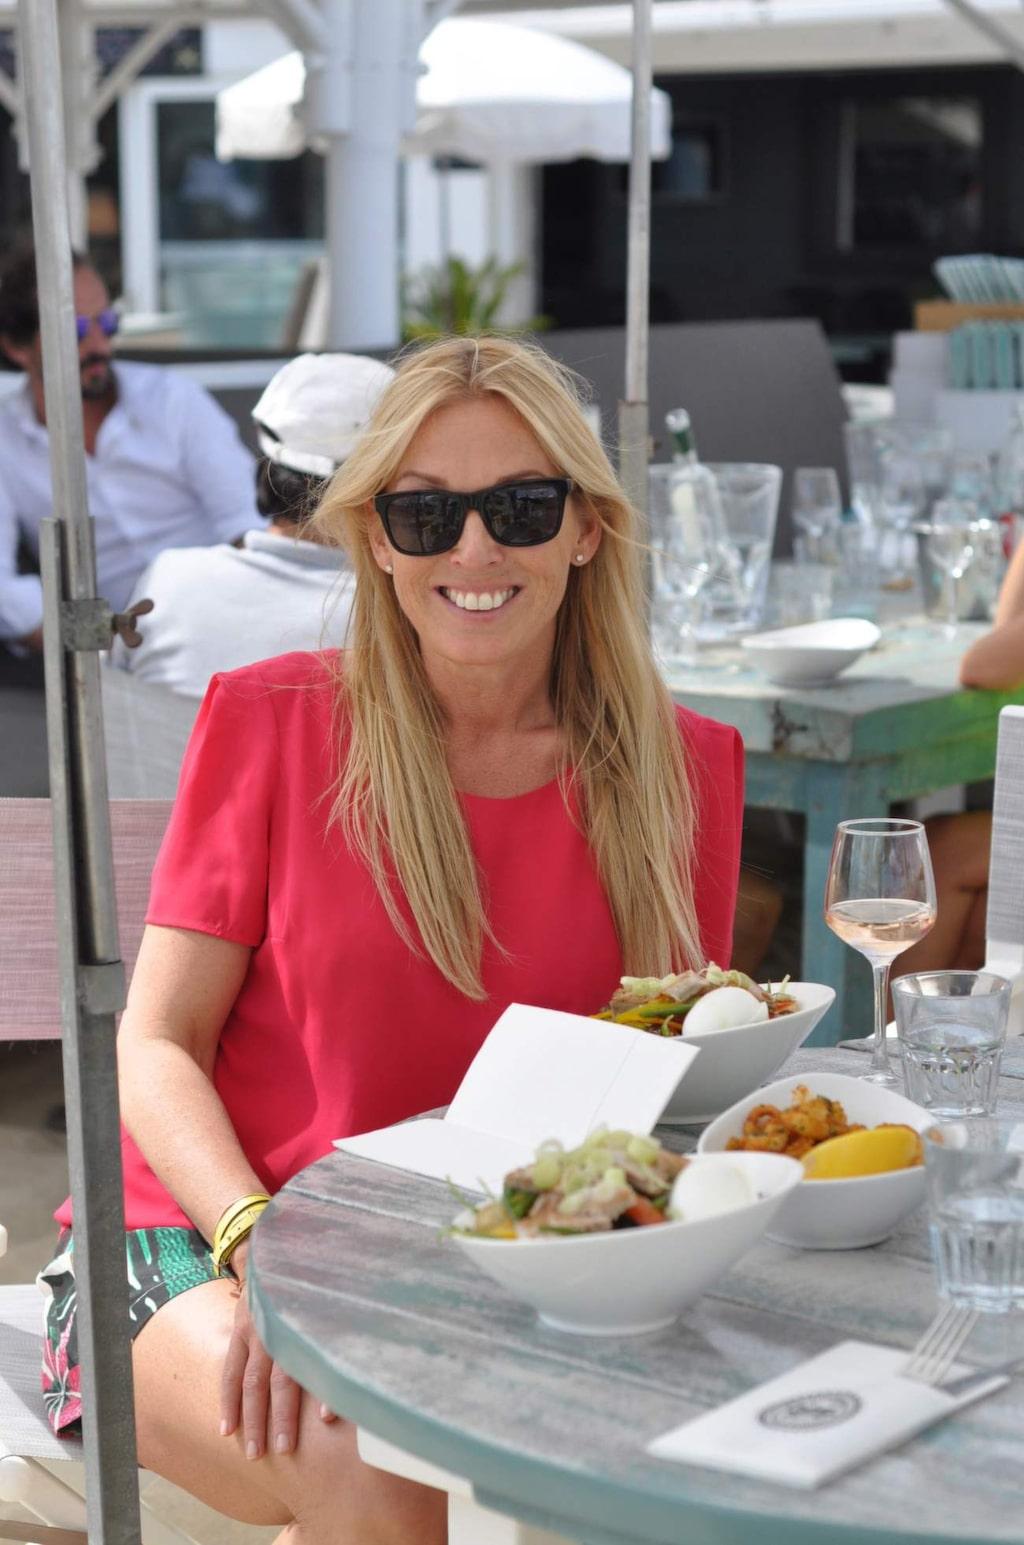 <p>Det finns många bra och lyxiga så kallade beachclubs i St Tropez där man kan äta gott och njuta av sol och bad på den tillhörande privata och exklusiva stranden.</p>